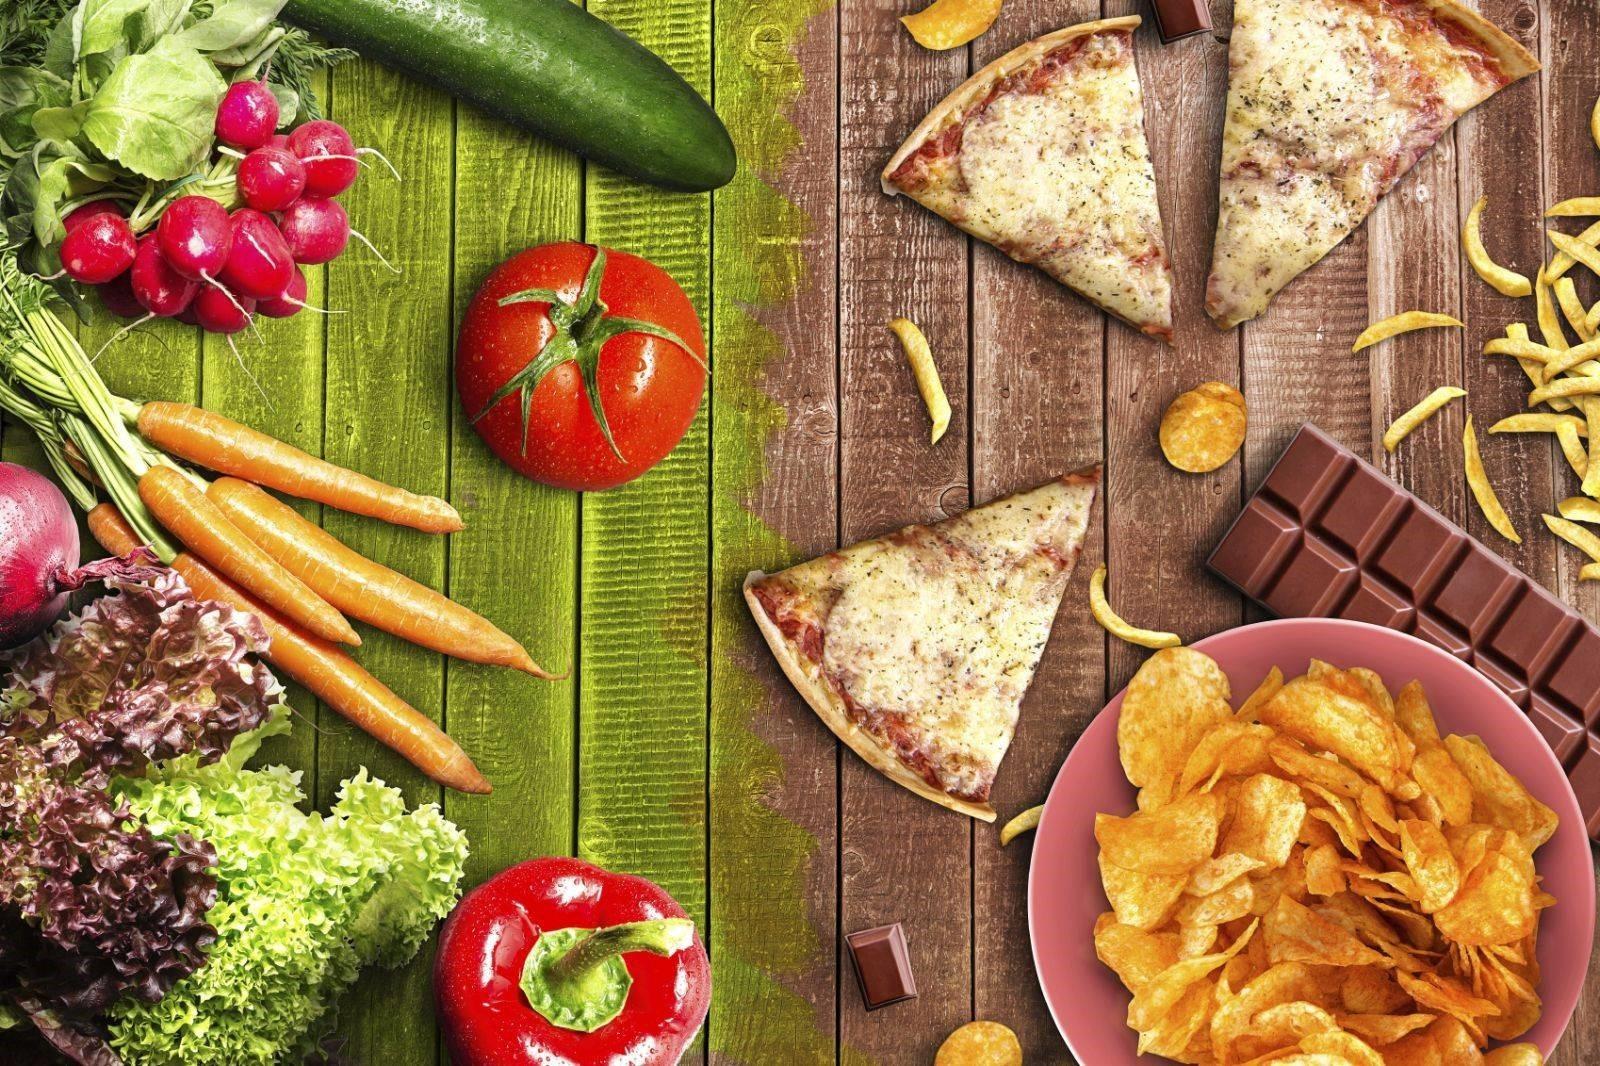 آشنایی با روش های مفید برای شناخت اینکه چگونه با یک تغذیه سالم استرسمان را کاهش دهیم؟